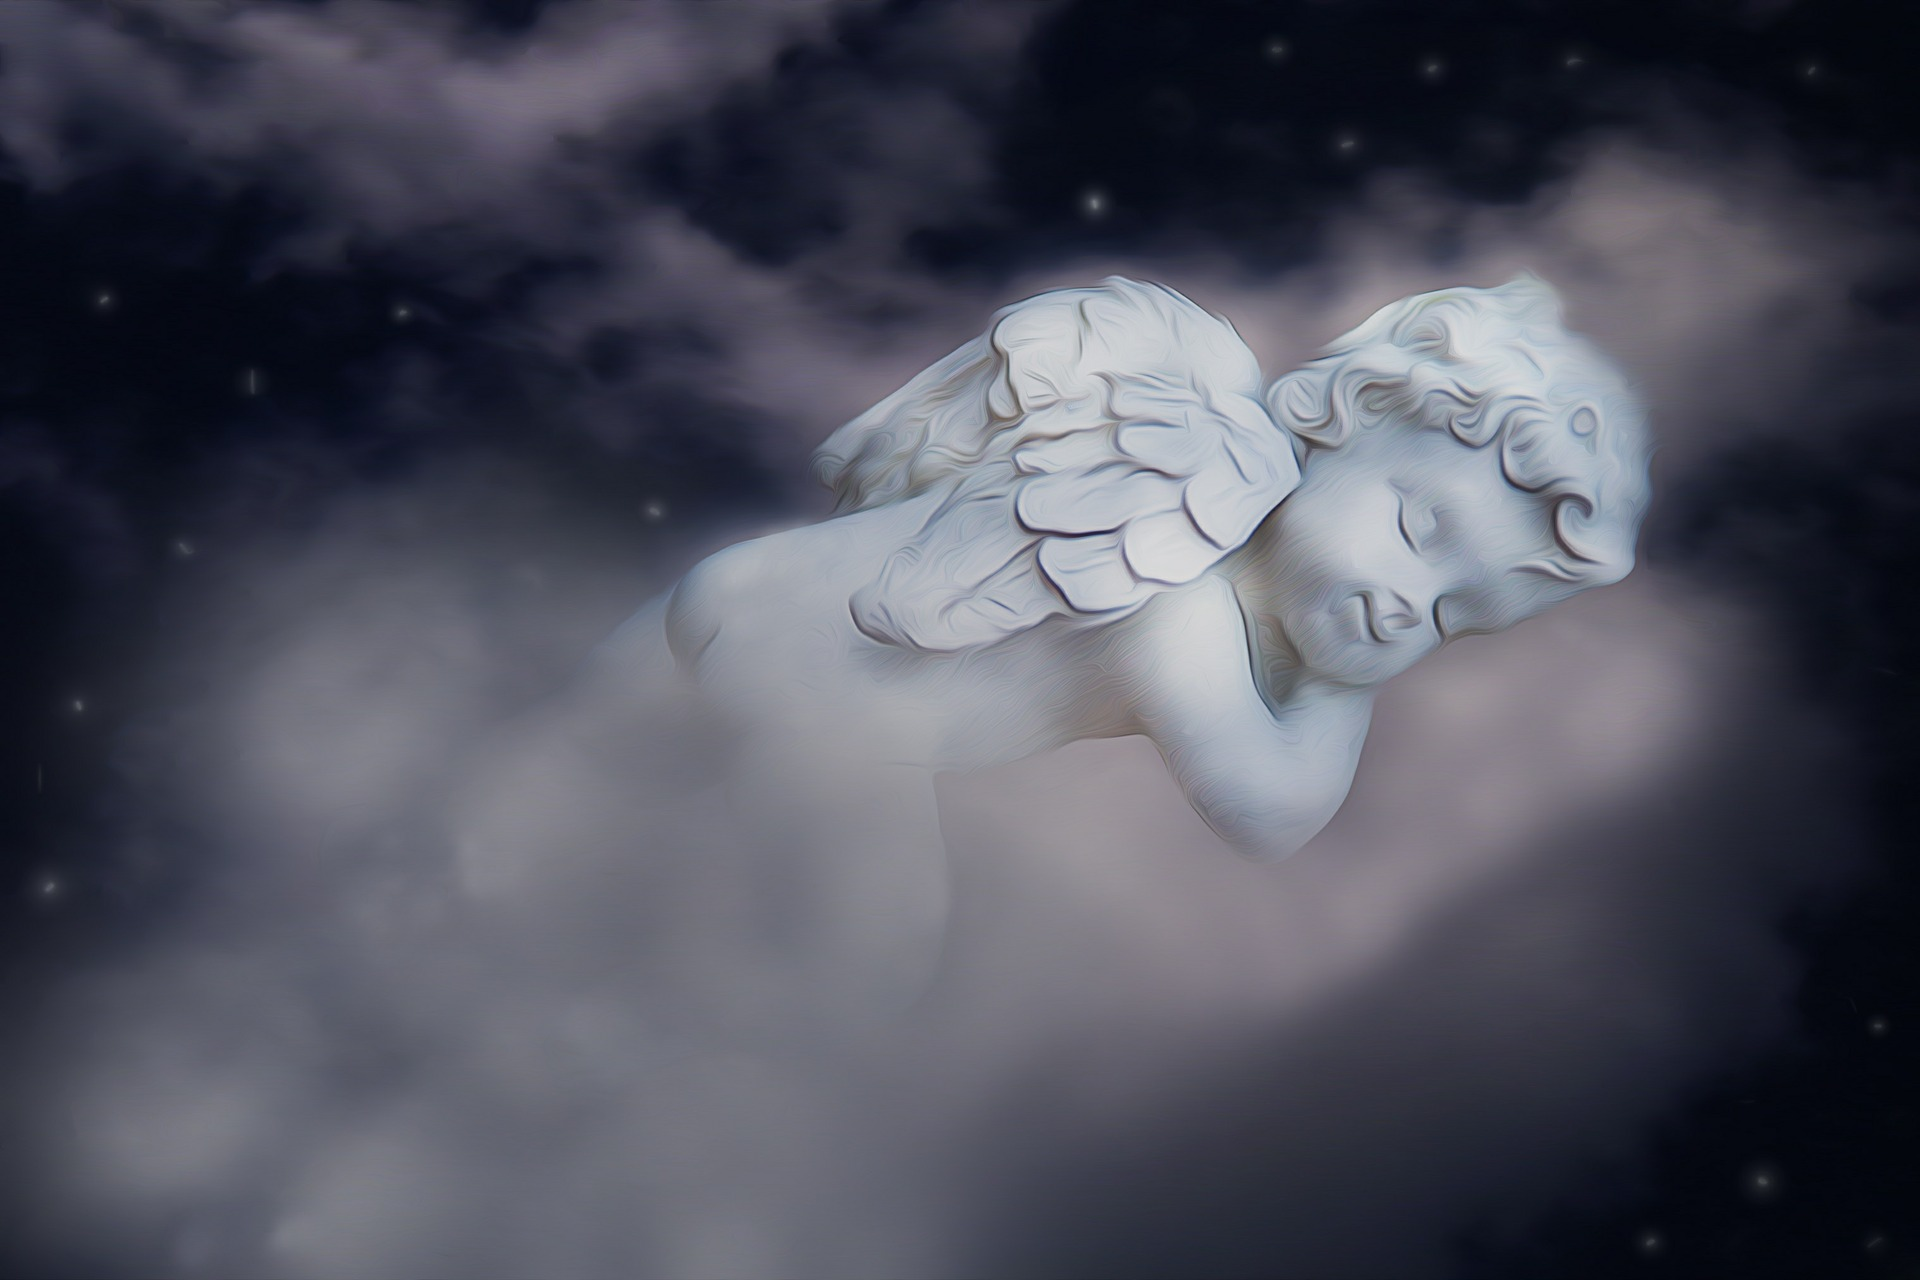 美國新墨西哥州一名母親兩年前失去了當時只有2歲的女兒。近期,她發現愛女的墓地遭竊,意外的是,在監控影片中,竟發現有個嬌小的白色人影。她認定是「女兒回來了」。圖為示意圖。(Pixabay)